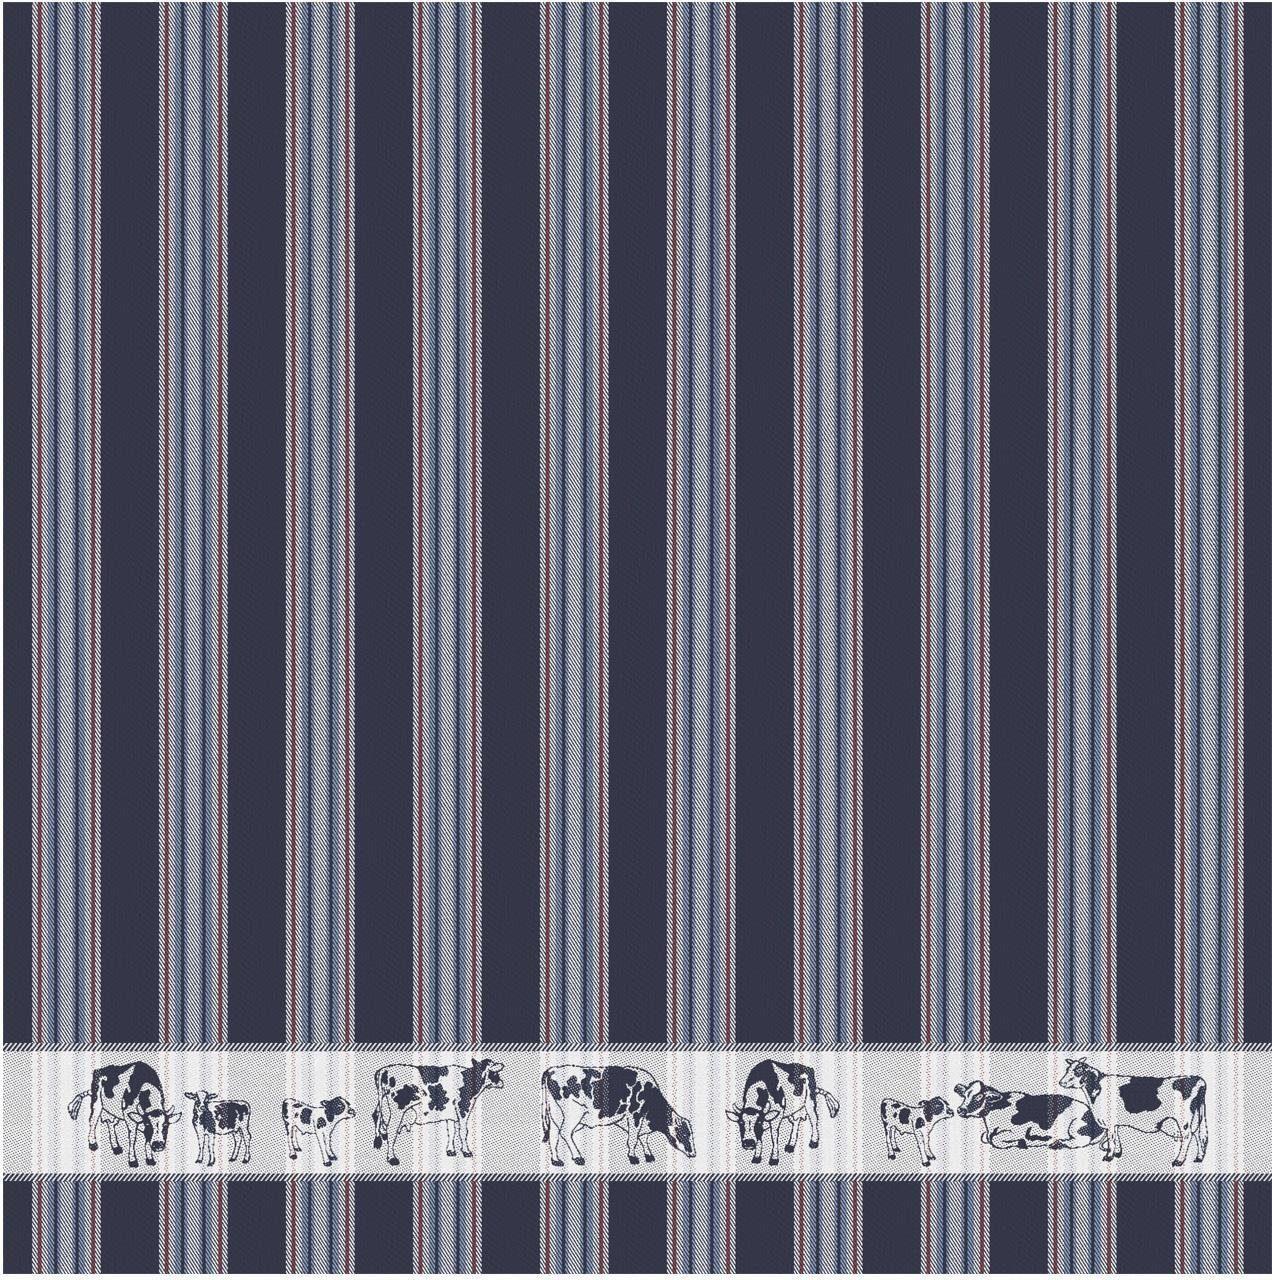 DDDDD Geschirrtuch Friesian, (Set, 6 tlg.) blau Geschirrtücher Küchenhelfer Haushaltswaren